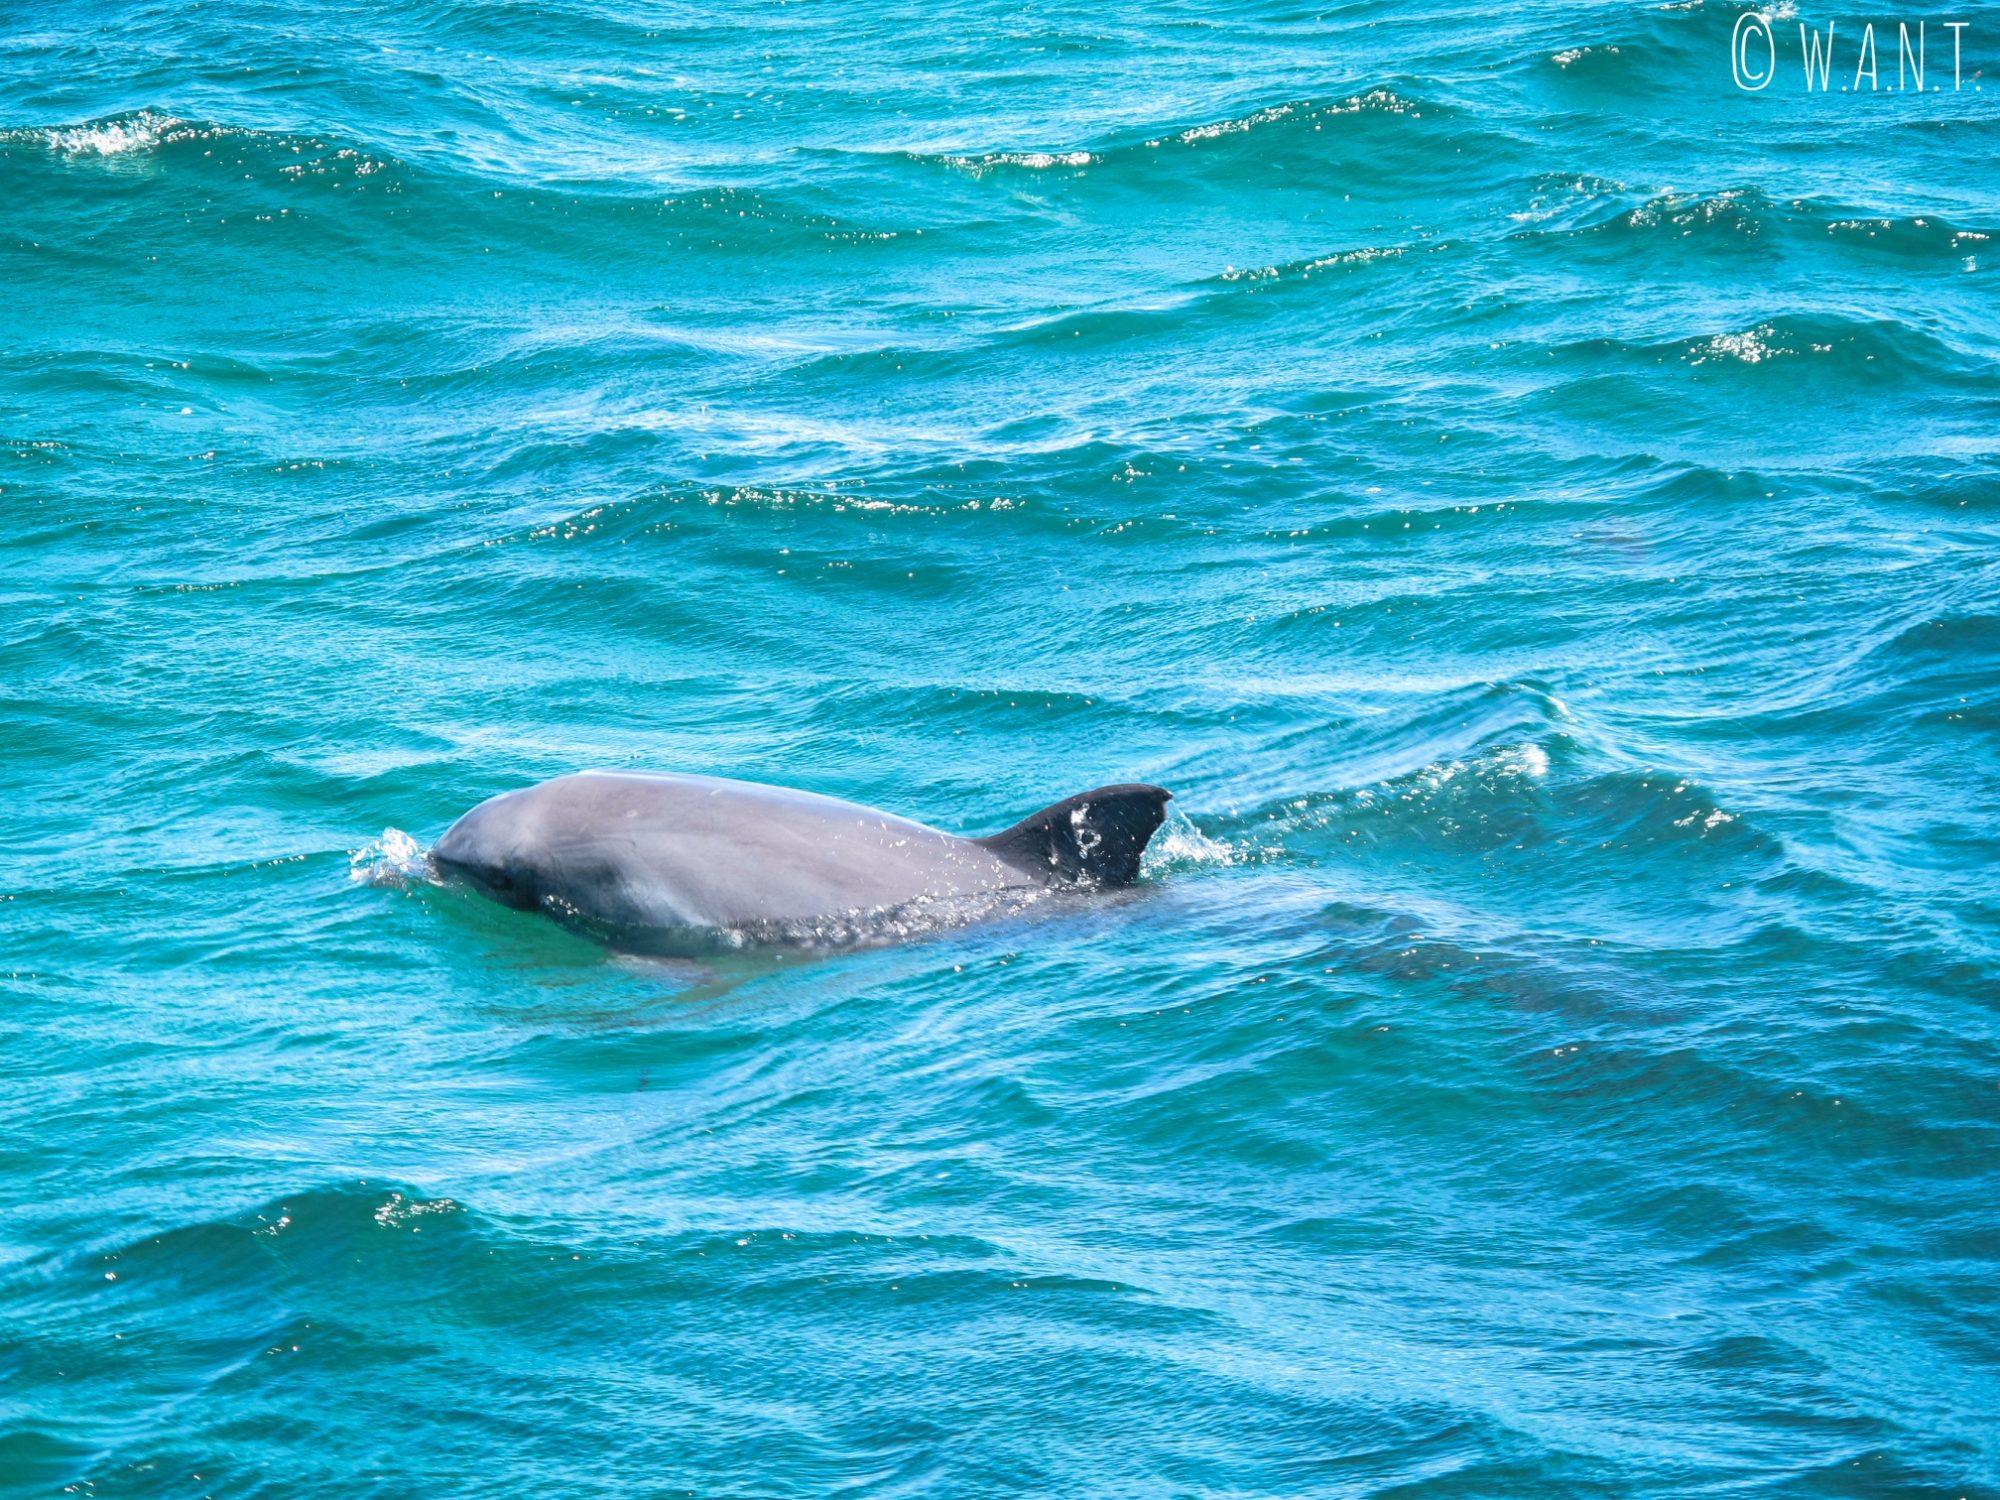 Dauphin aperçu lors de la croisière Dolphin, Penguin & Sea Lion Cruise sur Penguin Island